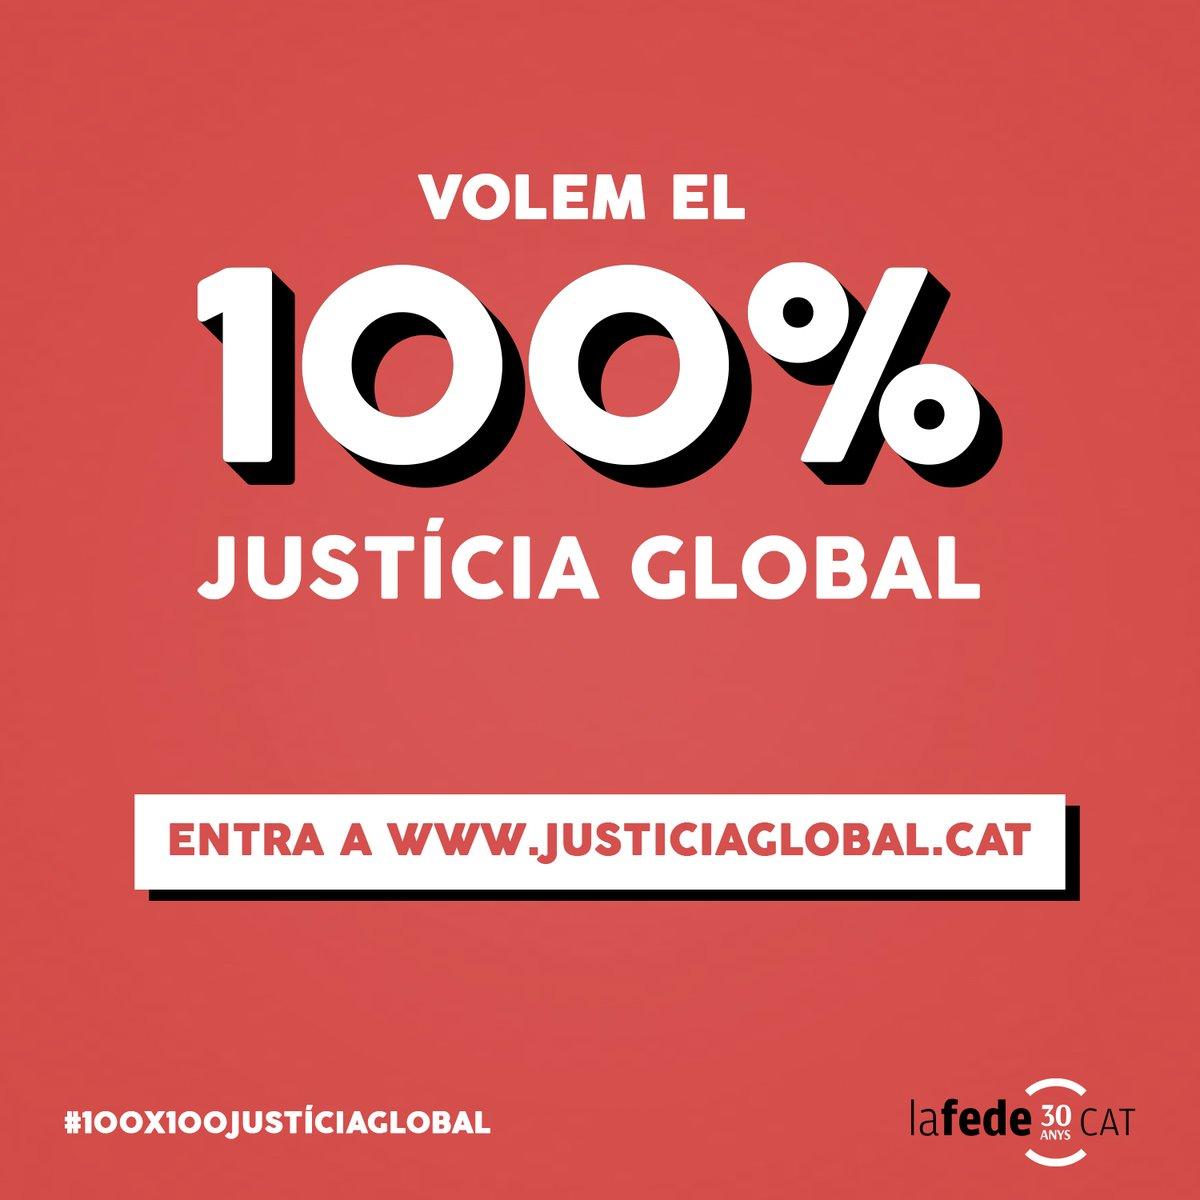 Només ens en sortirem de la #Covid19 amb una resposta de #JustíciaGlobal. Mentre hi hagi algun indret al món afectat, tota la humanitat està en perill. Necessitem #100x100JustíciaGlobal https://t.co/ef4LmPHUBv https://t.co/ncfBTCq6Vh